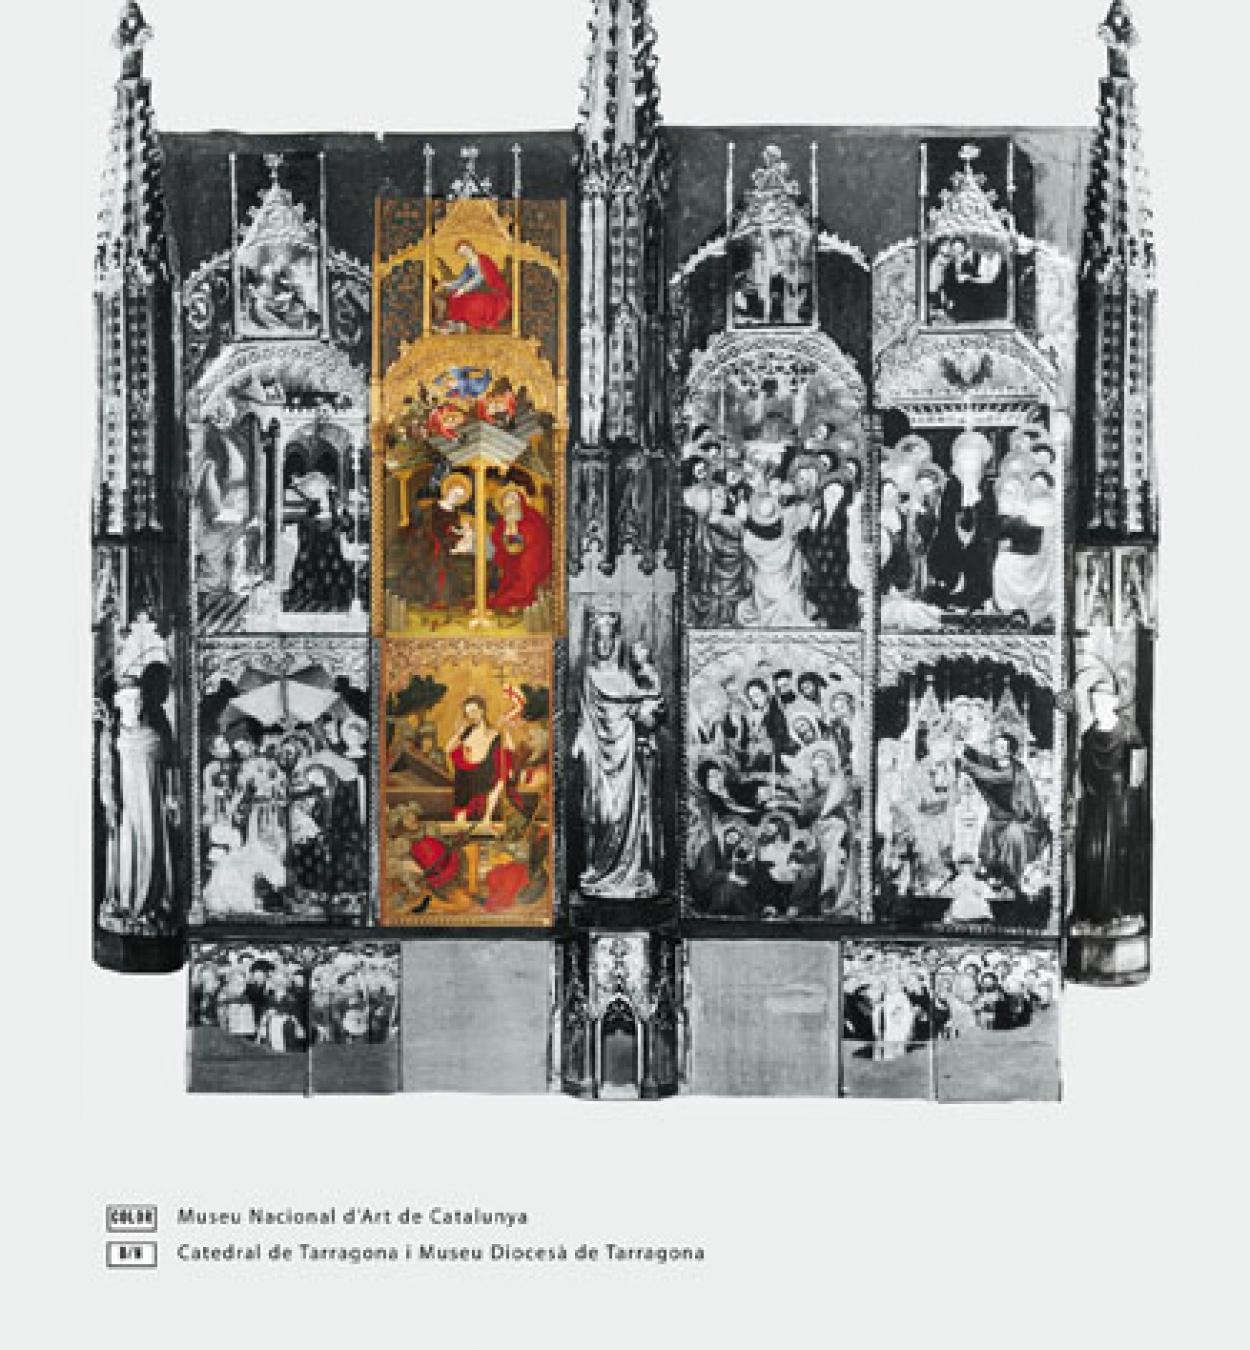 Guerau Gener - Nativitat - 1407-1411 [1]